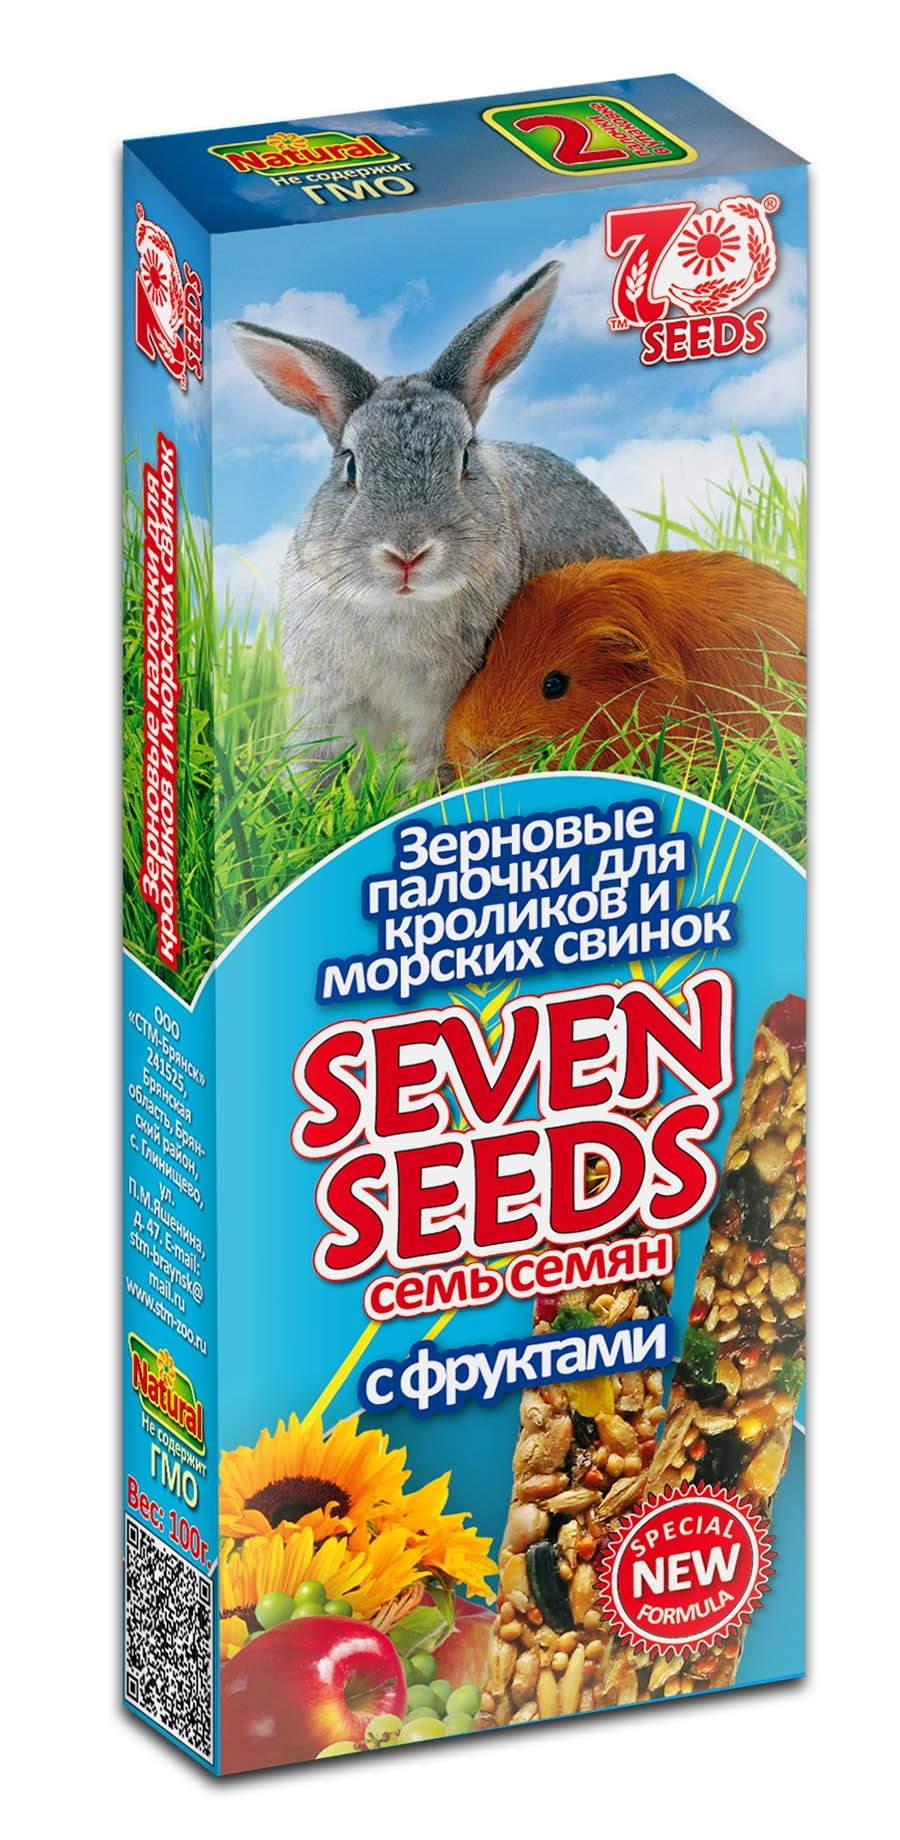 Новинки Палочки для кроликов и морских свинок с фруктами Seven Seeds Special 17.jpg